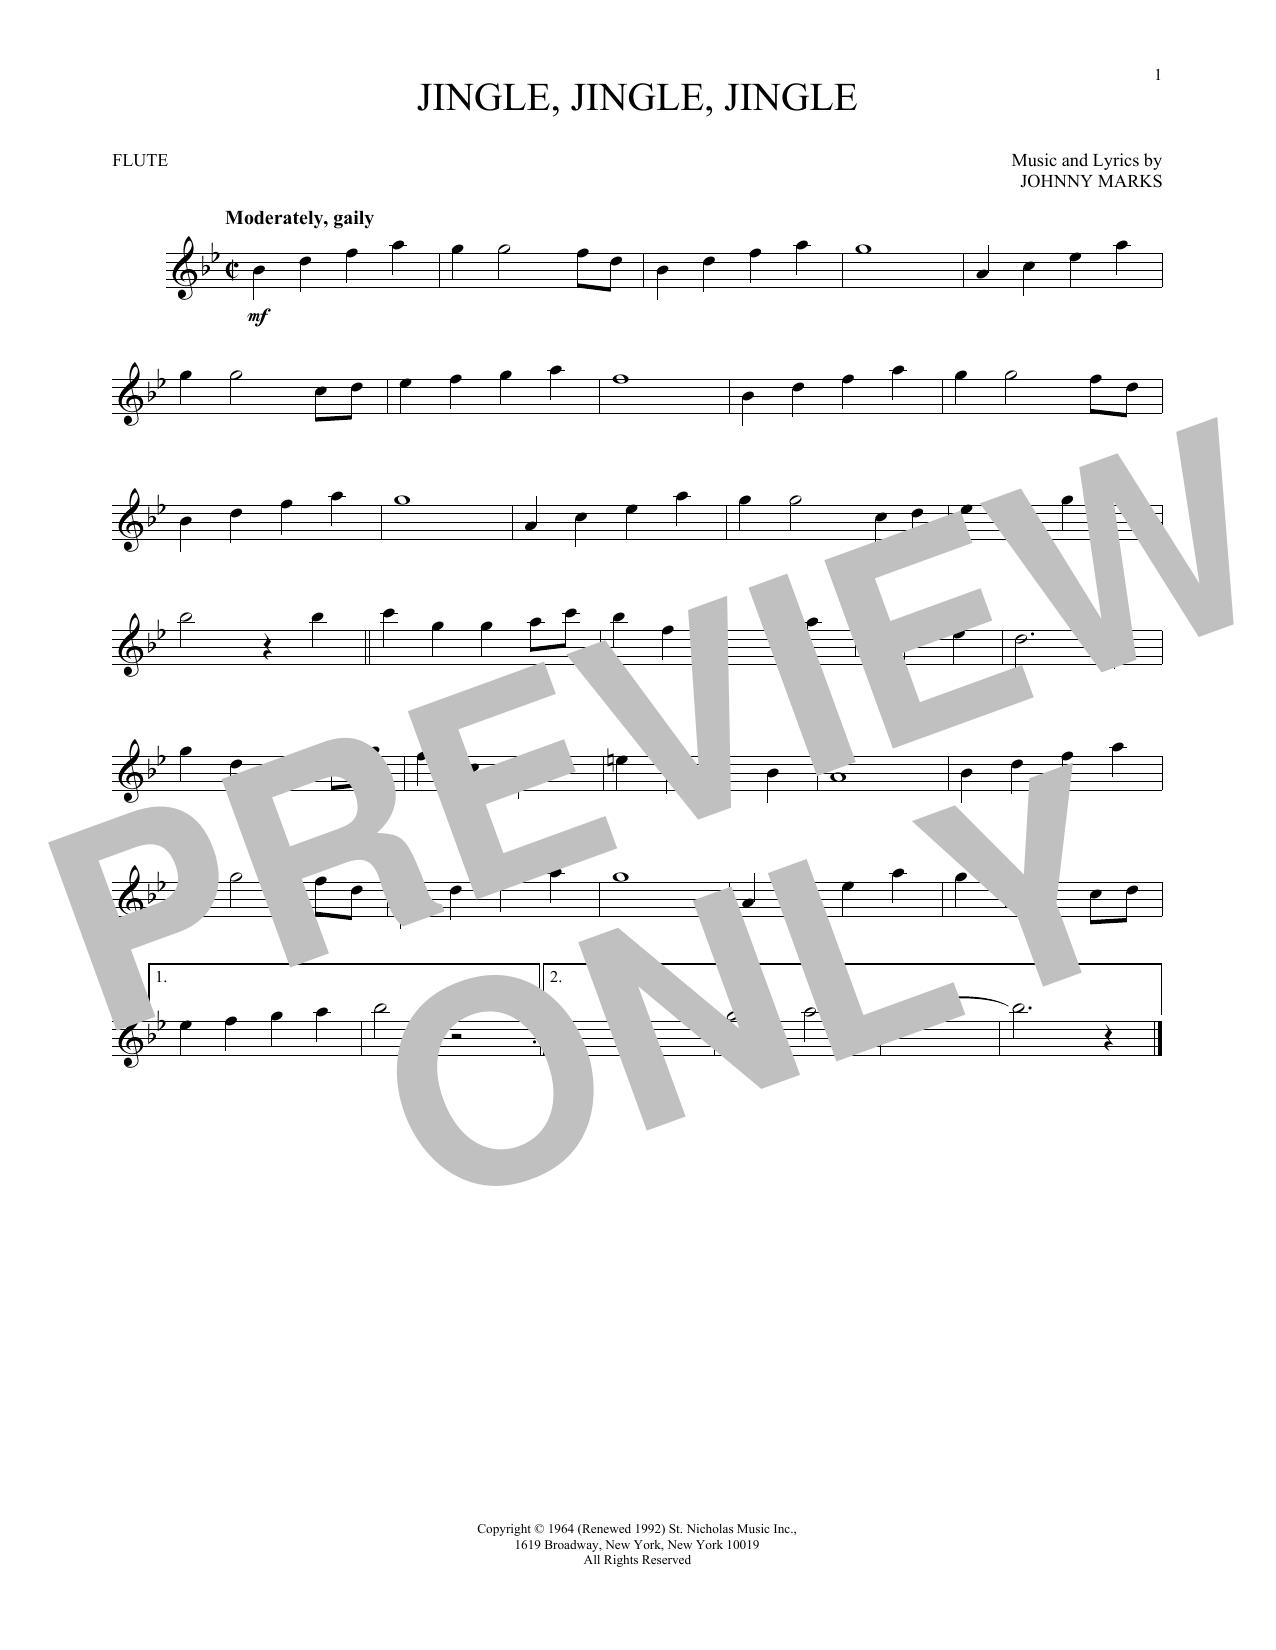 Jingle, Jingle, Jingle (Flute Solo)